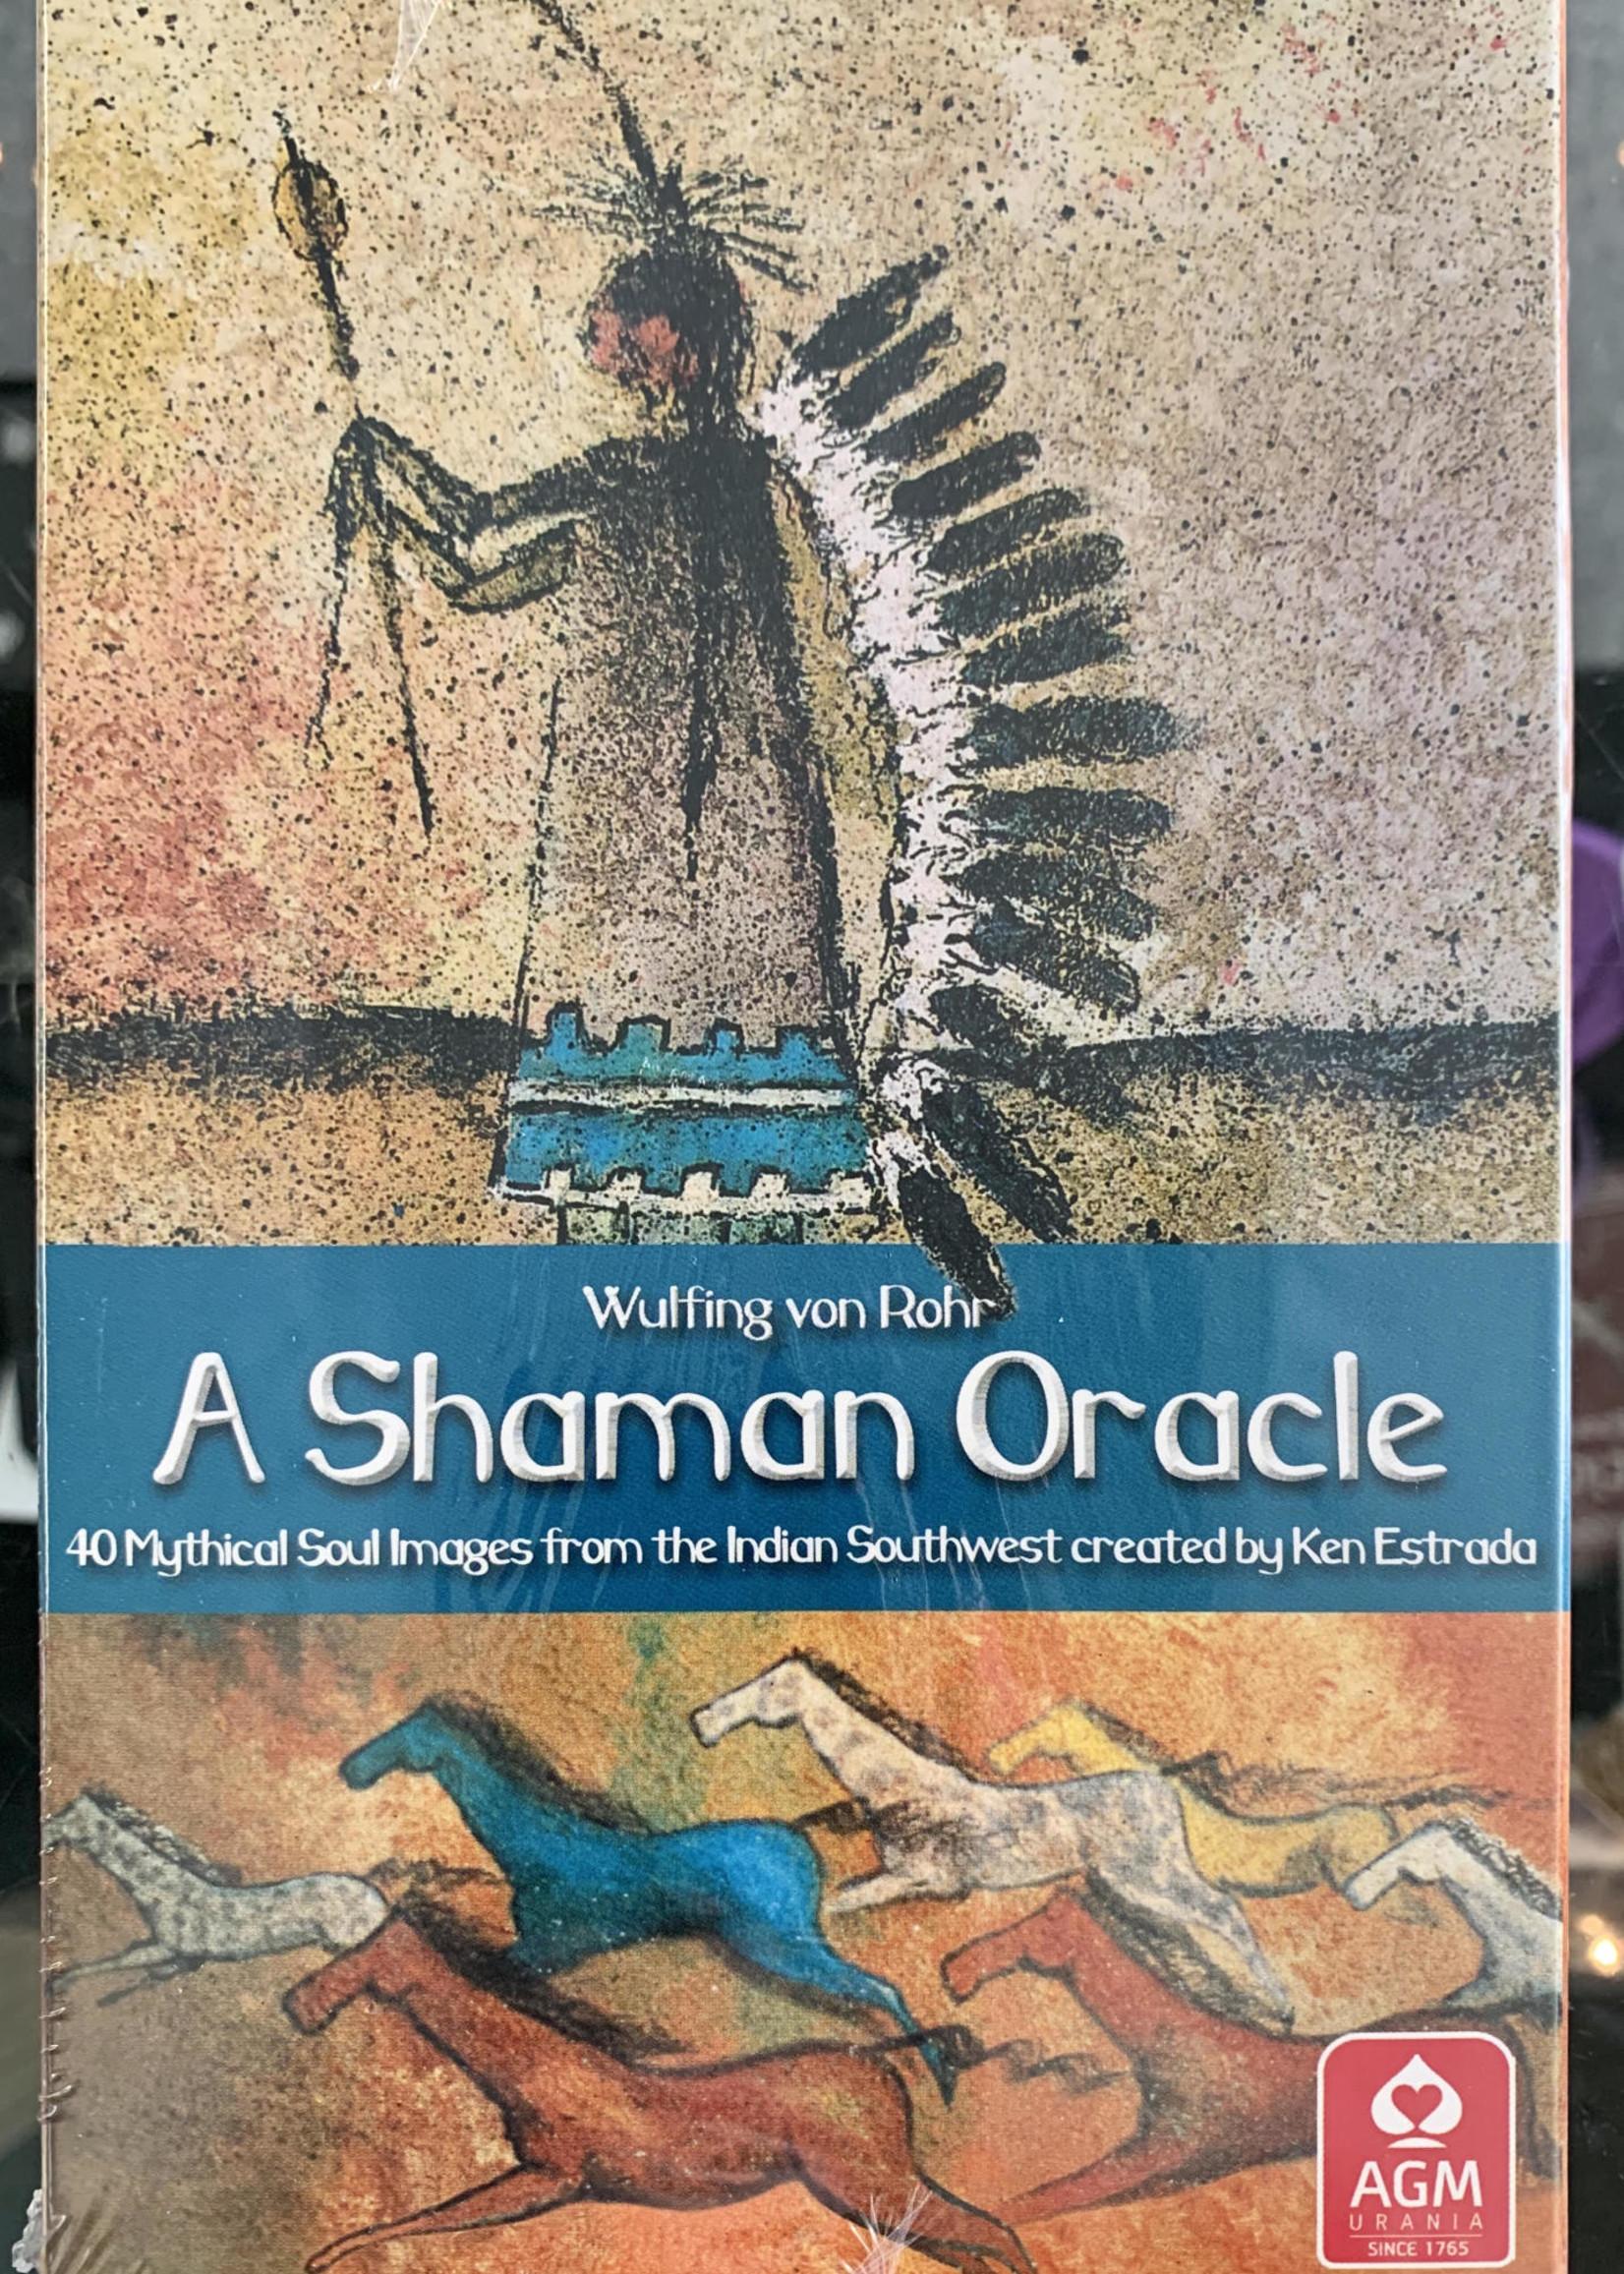 A Shaman Oracle